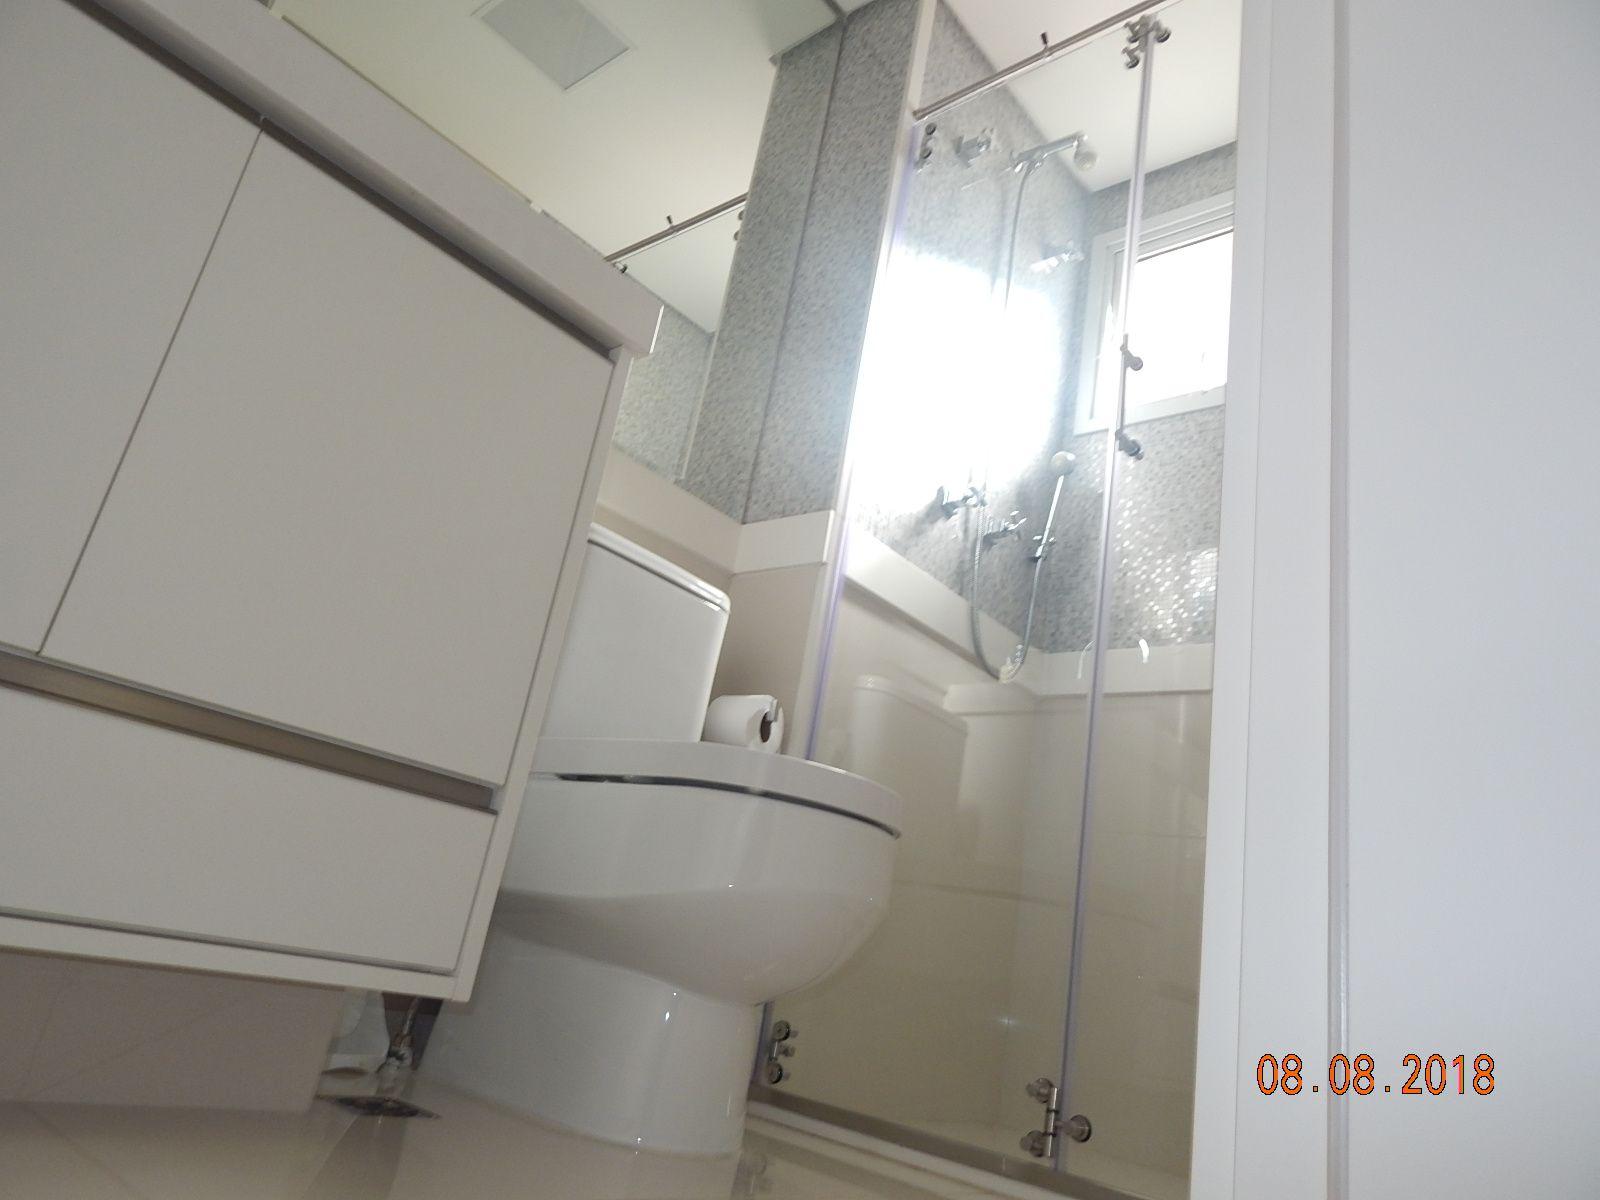 Apartamento Água Branca, São Paulo, SP À Venda, 3 Quartos, 168m² - VENDA0020 - 16